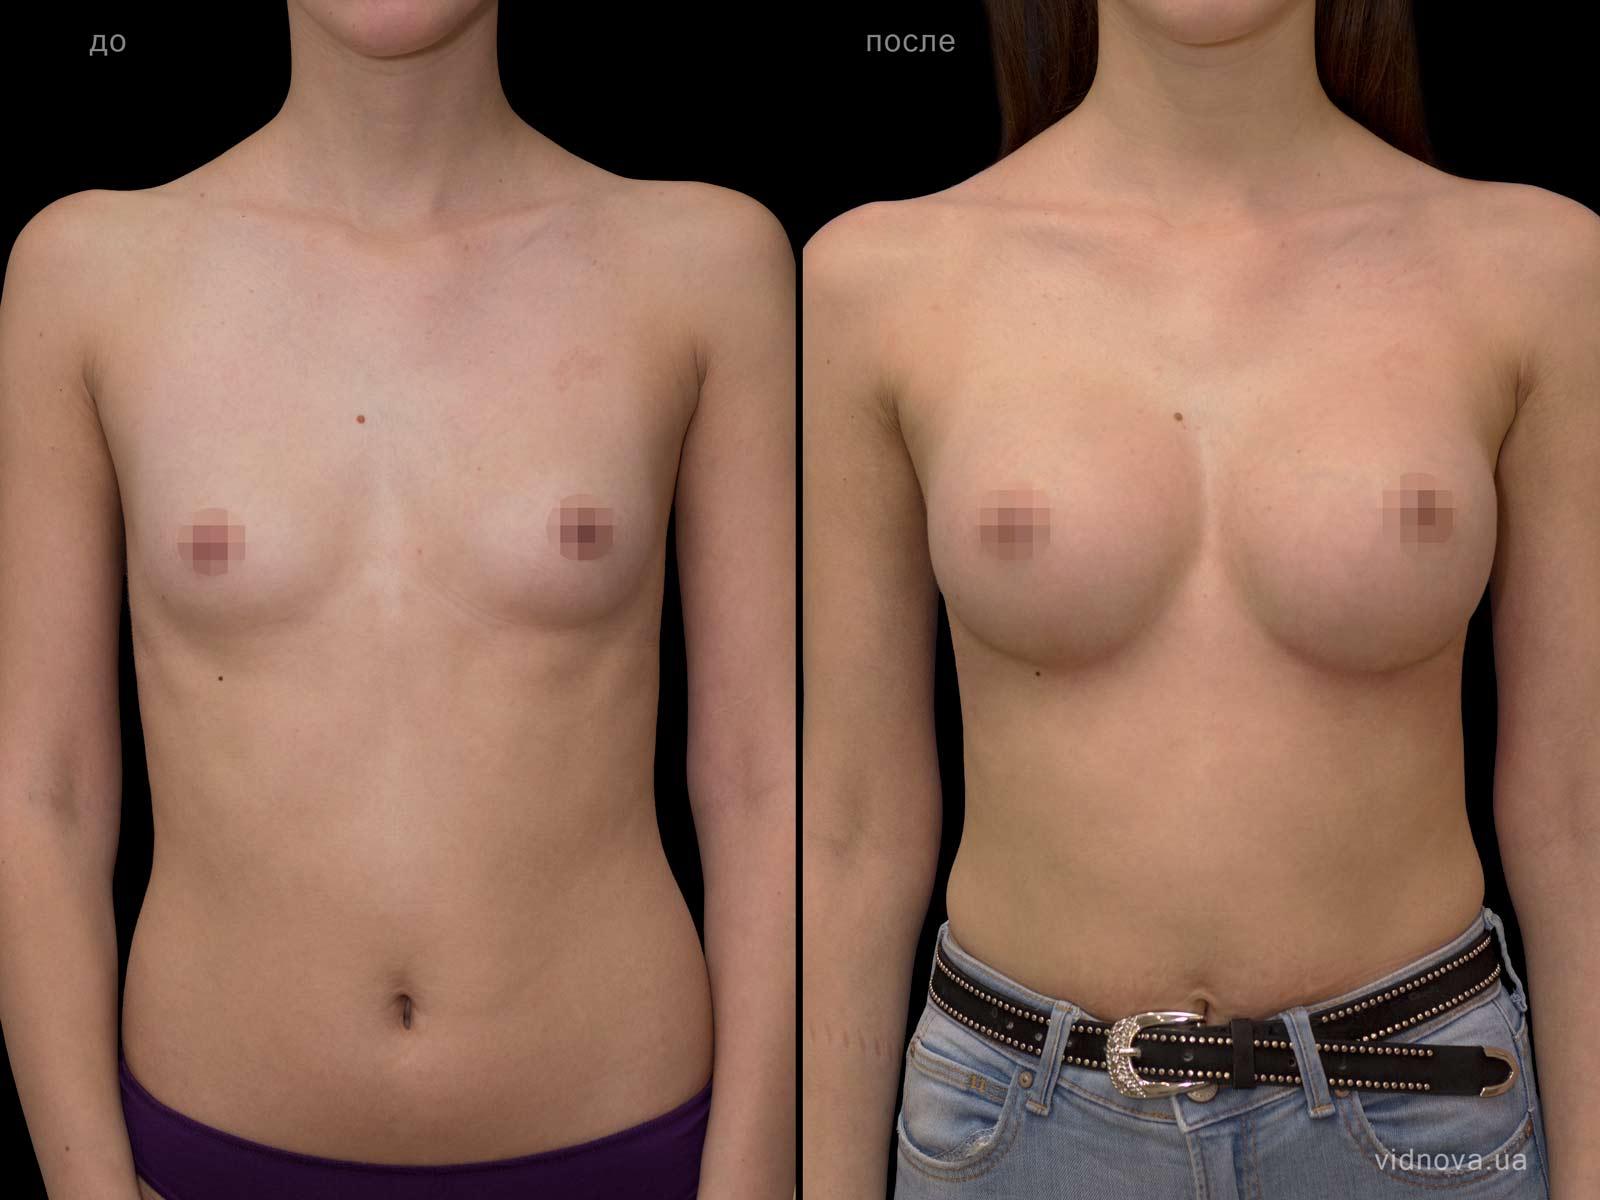 Пластика груди: результаты до и после - Пример №73-0 - Светлана Работенко